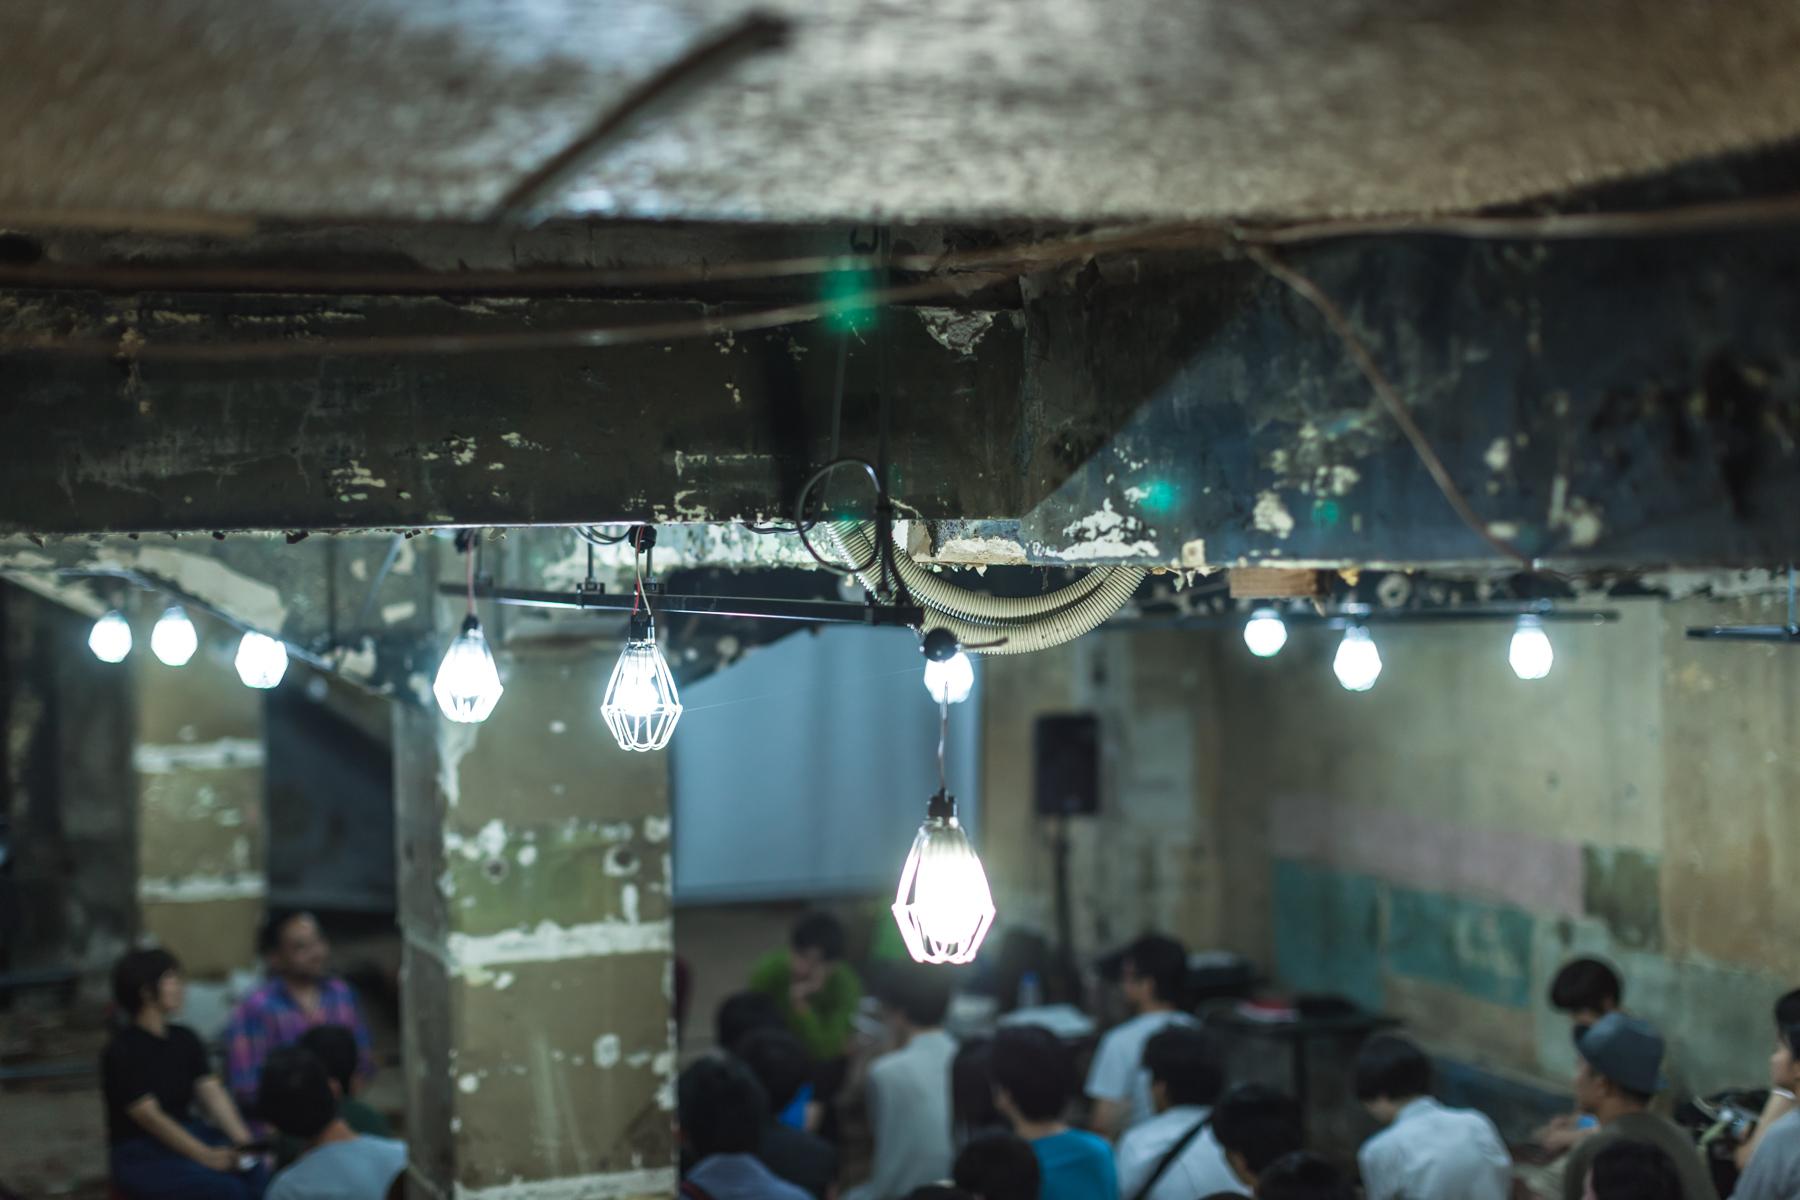 むき出しの天井や塗装がはがれかけている壁、遺跡のような壁画が印象的な「The CAVE」の空間